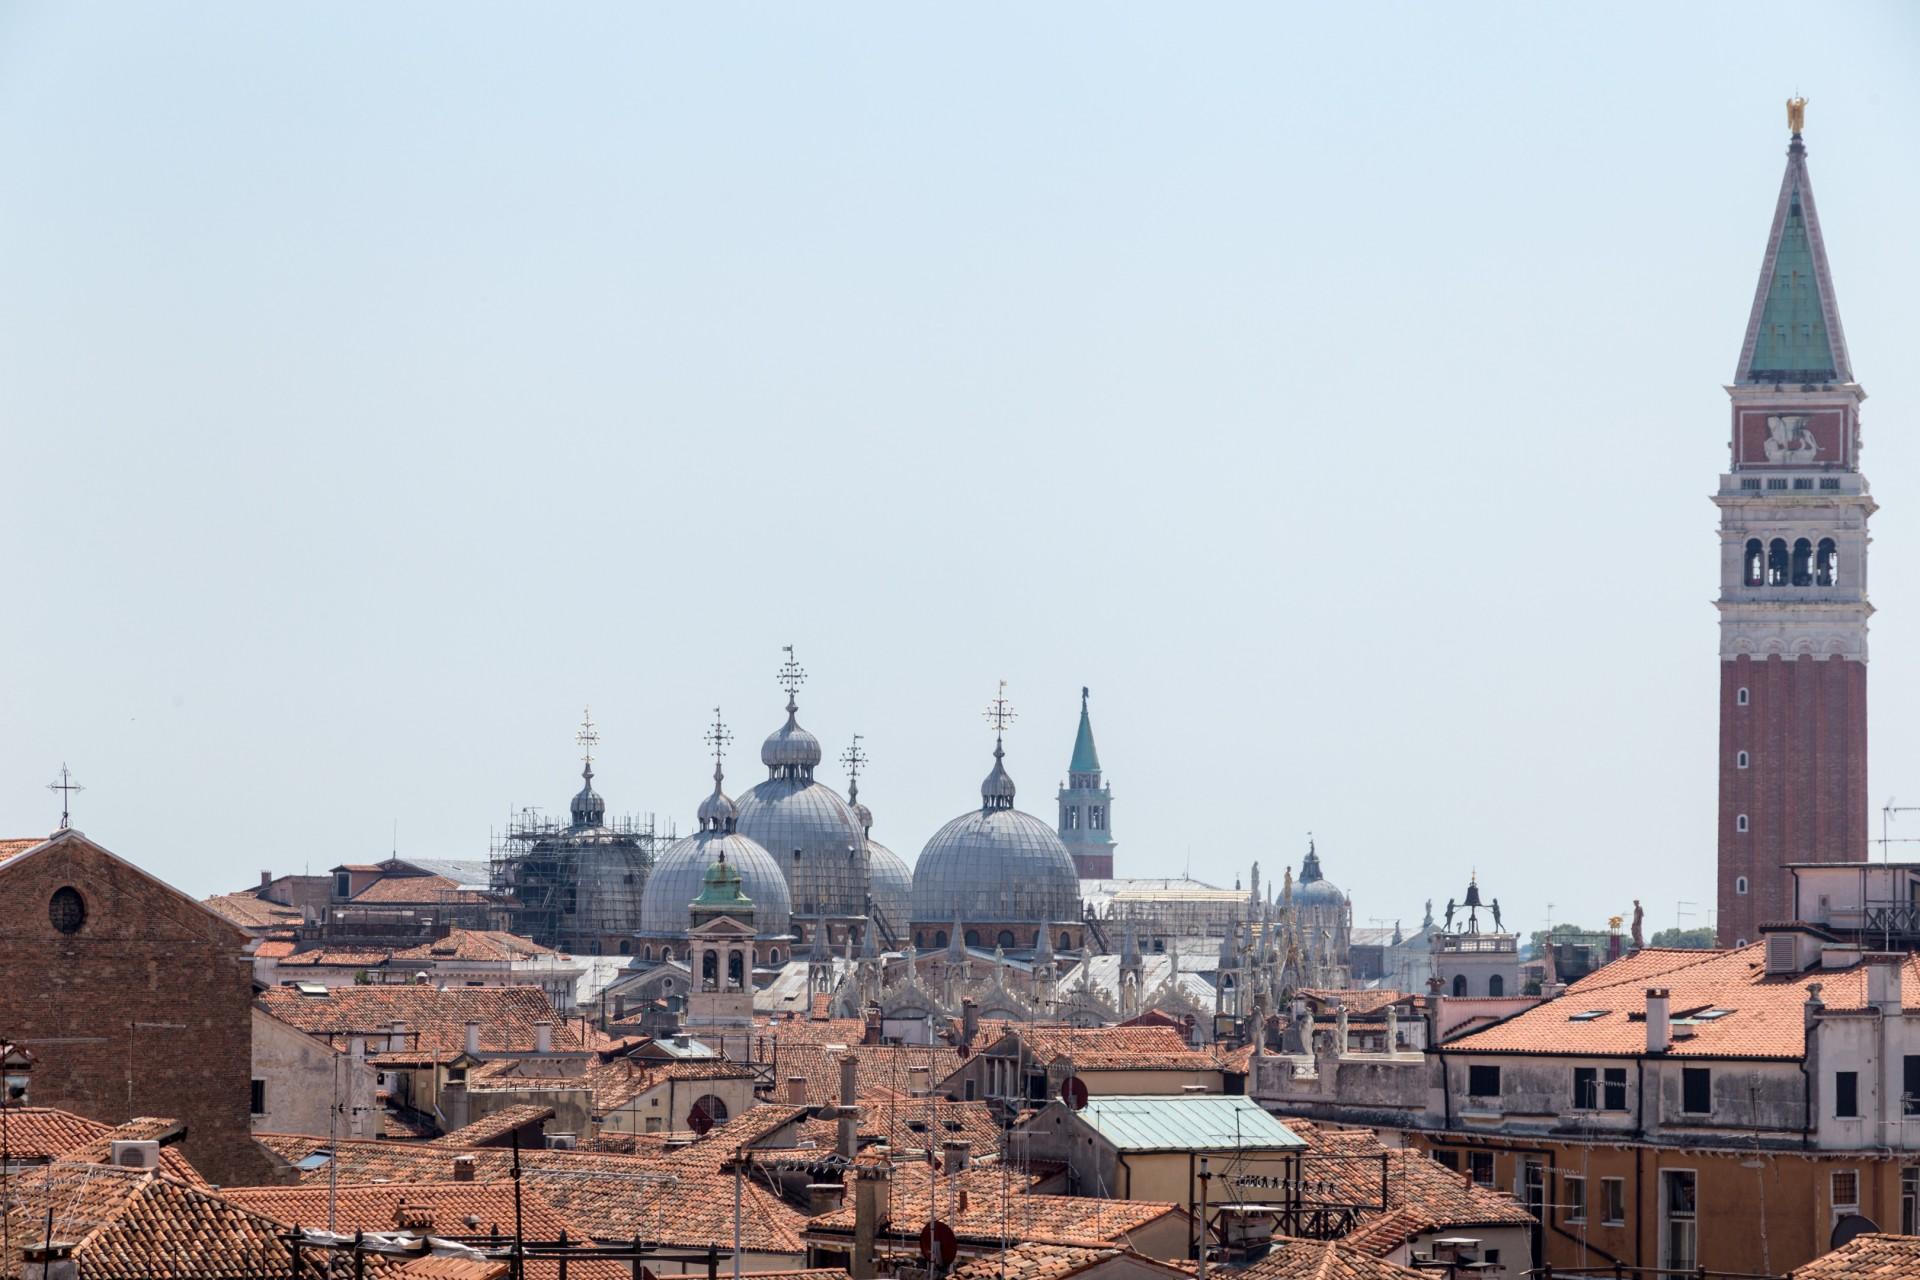 San Marco vom Fondaco dei Tedesci aus gesehen, Venedig